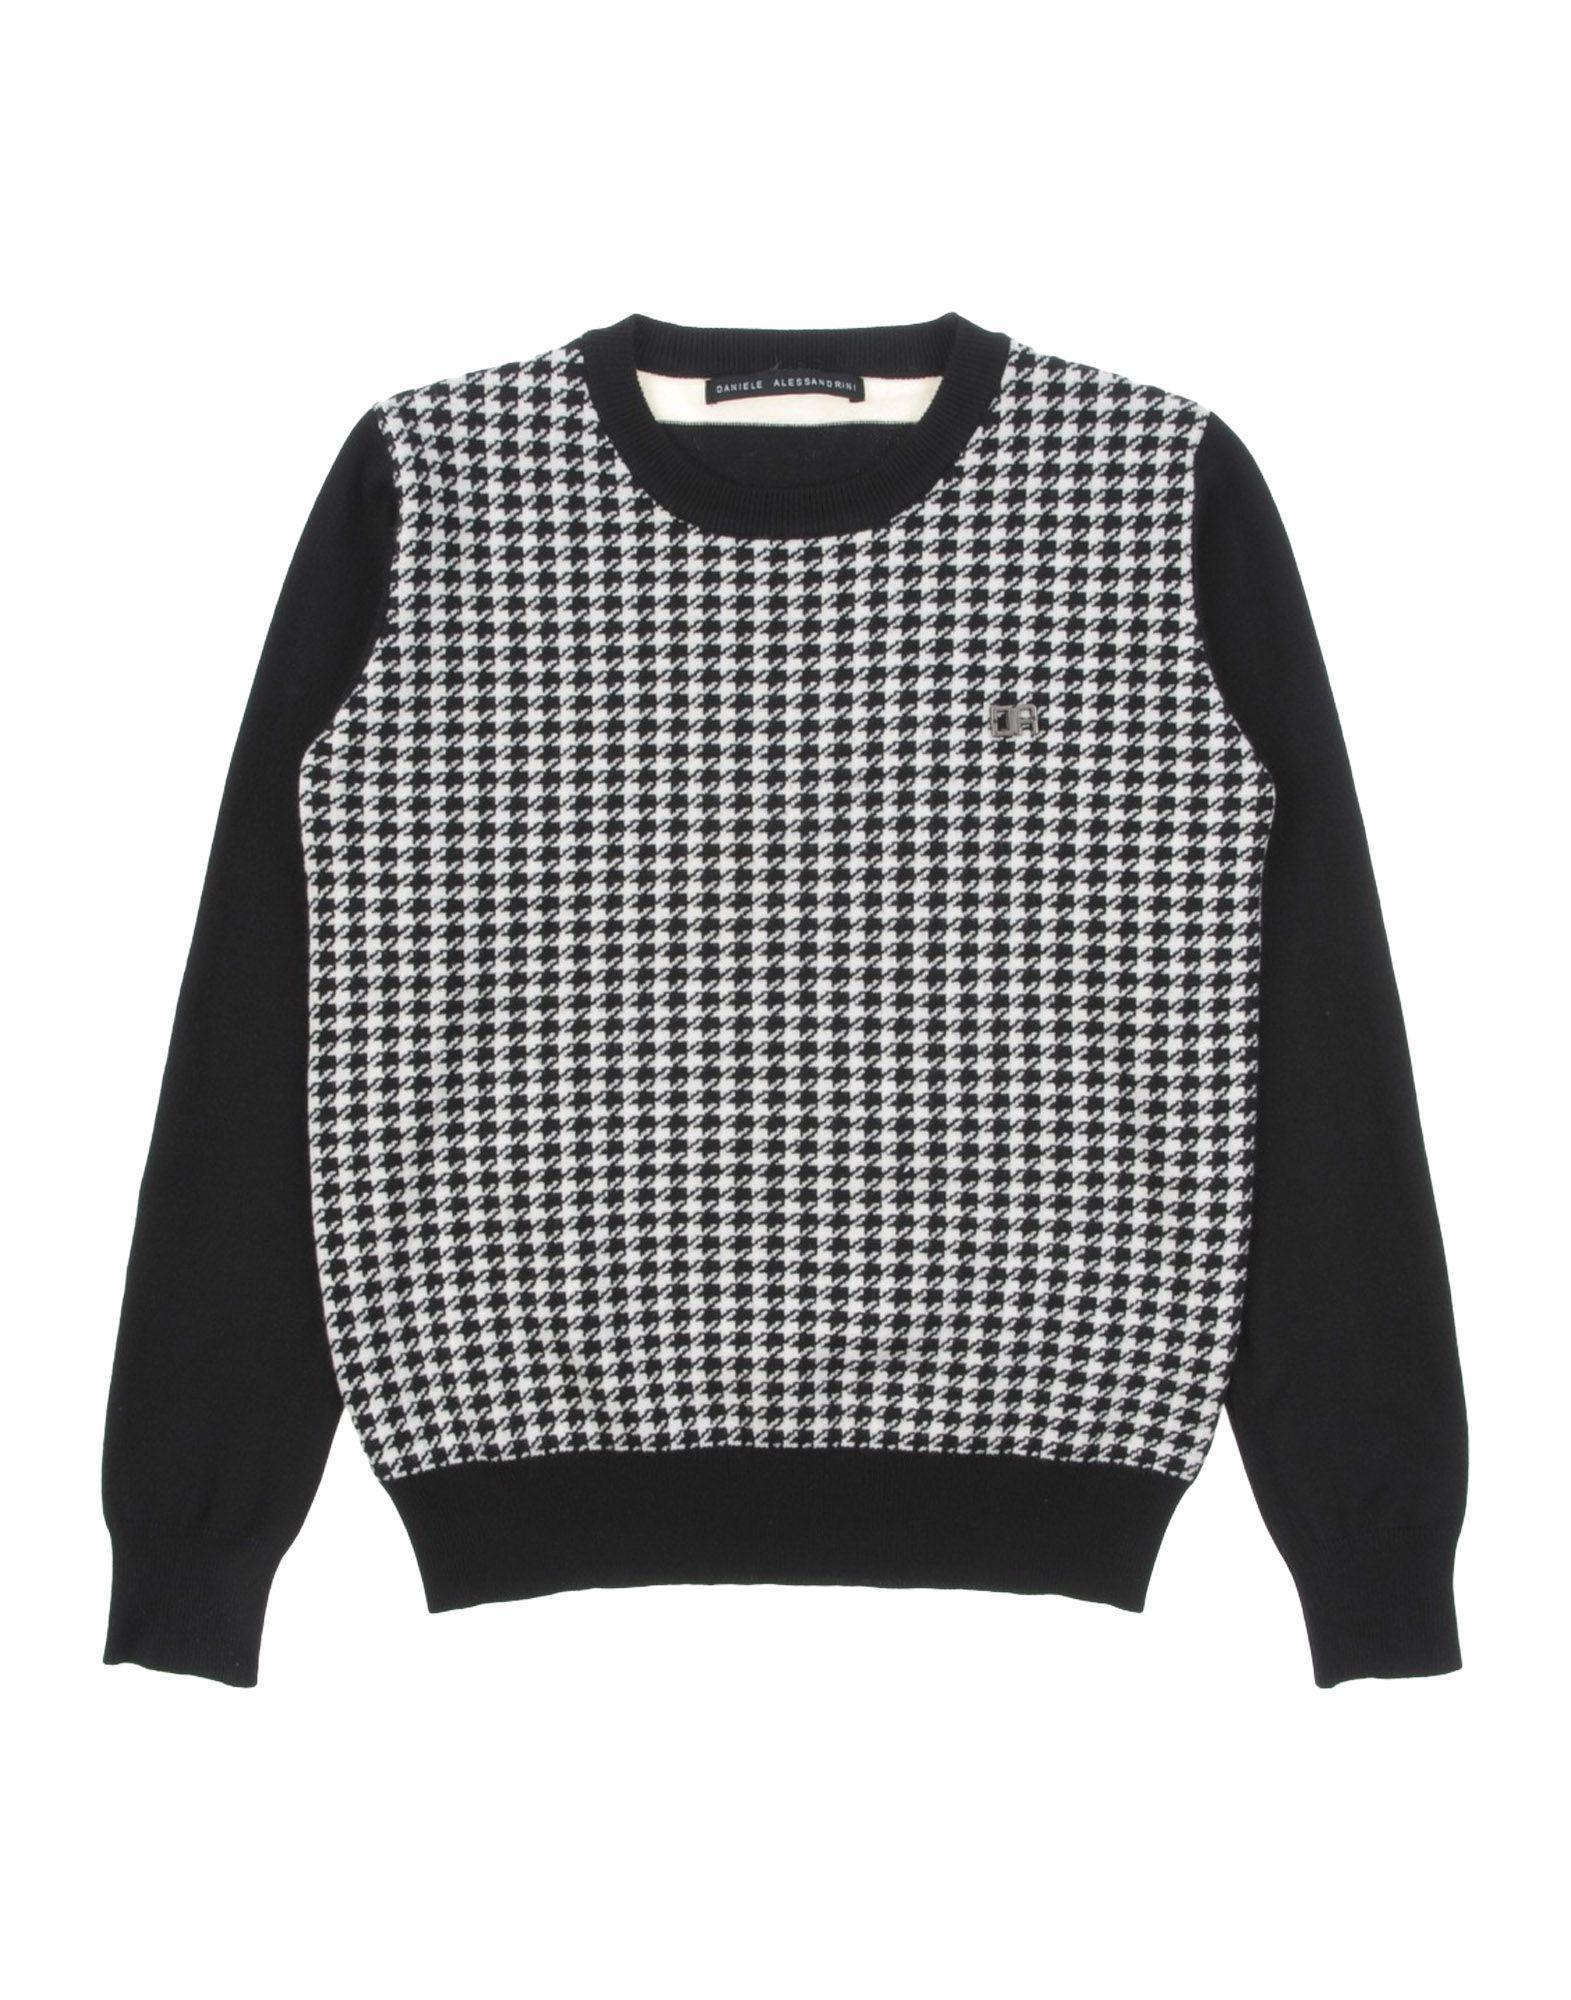 DANIELE ALESSANDRINI Jungen 3-8 jahre Pullover Farbe Schwarz Größe 6